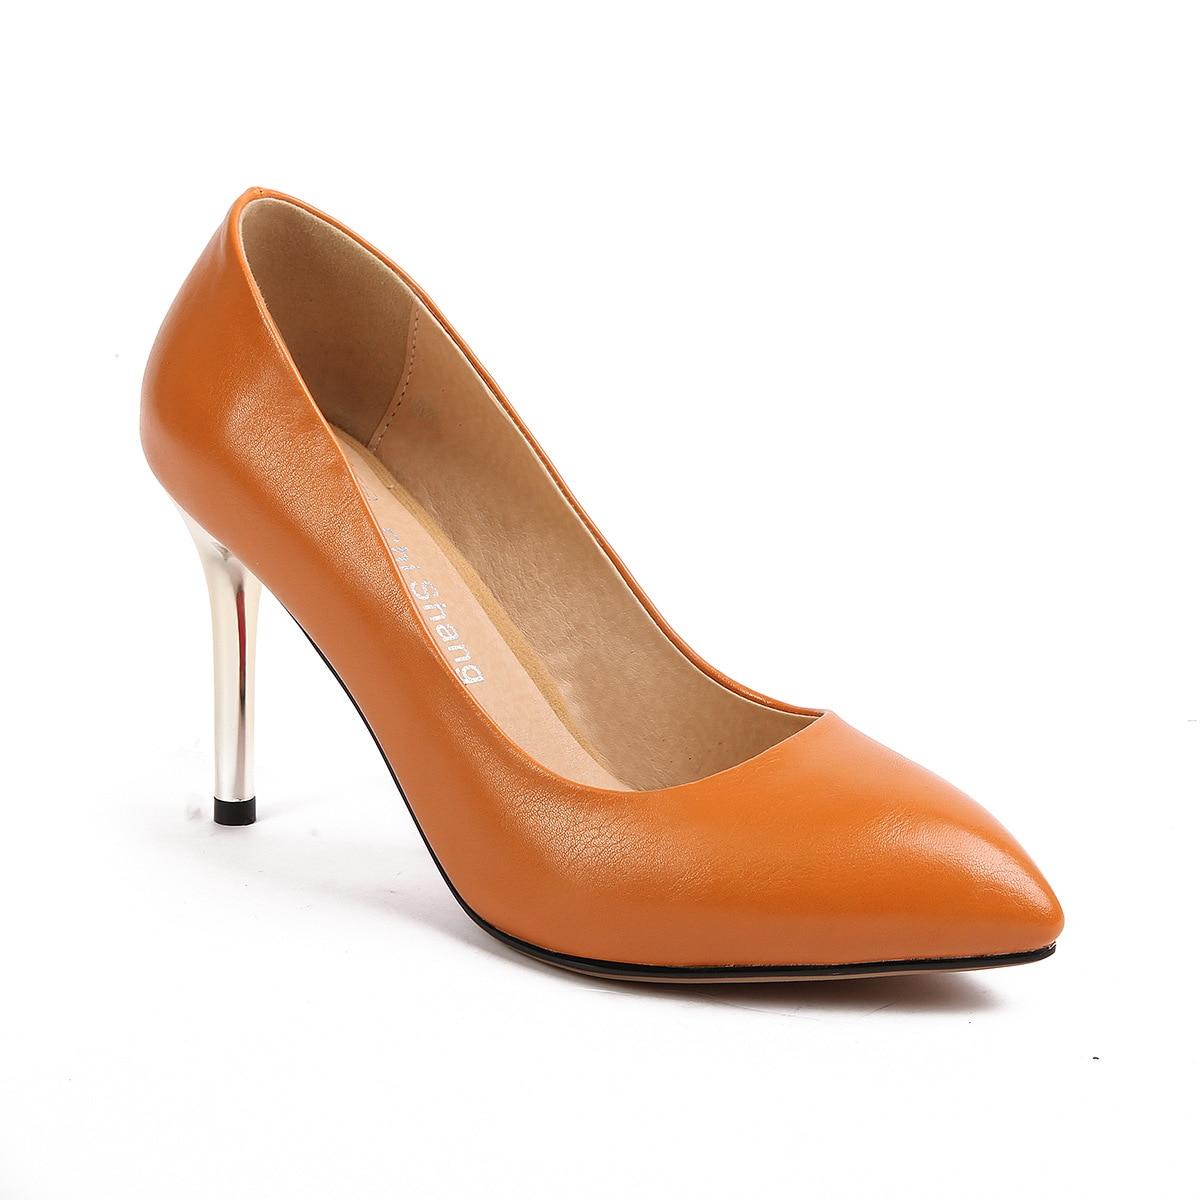 Sexy De gris Mode Femmes Peu Bouche Printemps Talon Chaussures Pointu 32 Noir Profonde Stiletto Début Simples Super High 43 jaune Du 1831 Nouveau Au 2018 nYrwqTUgY